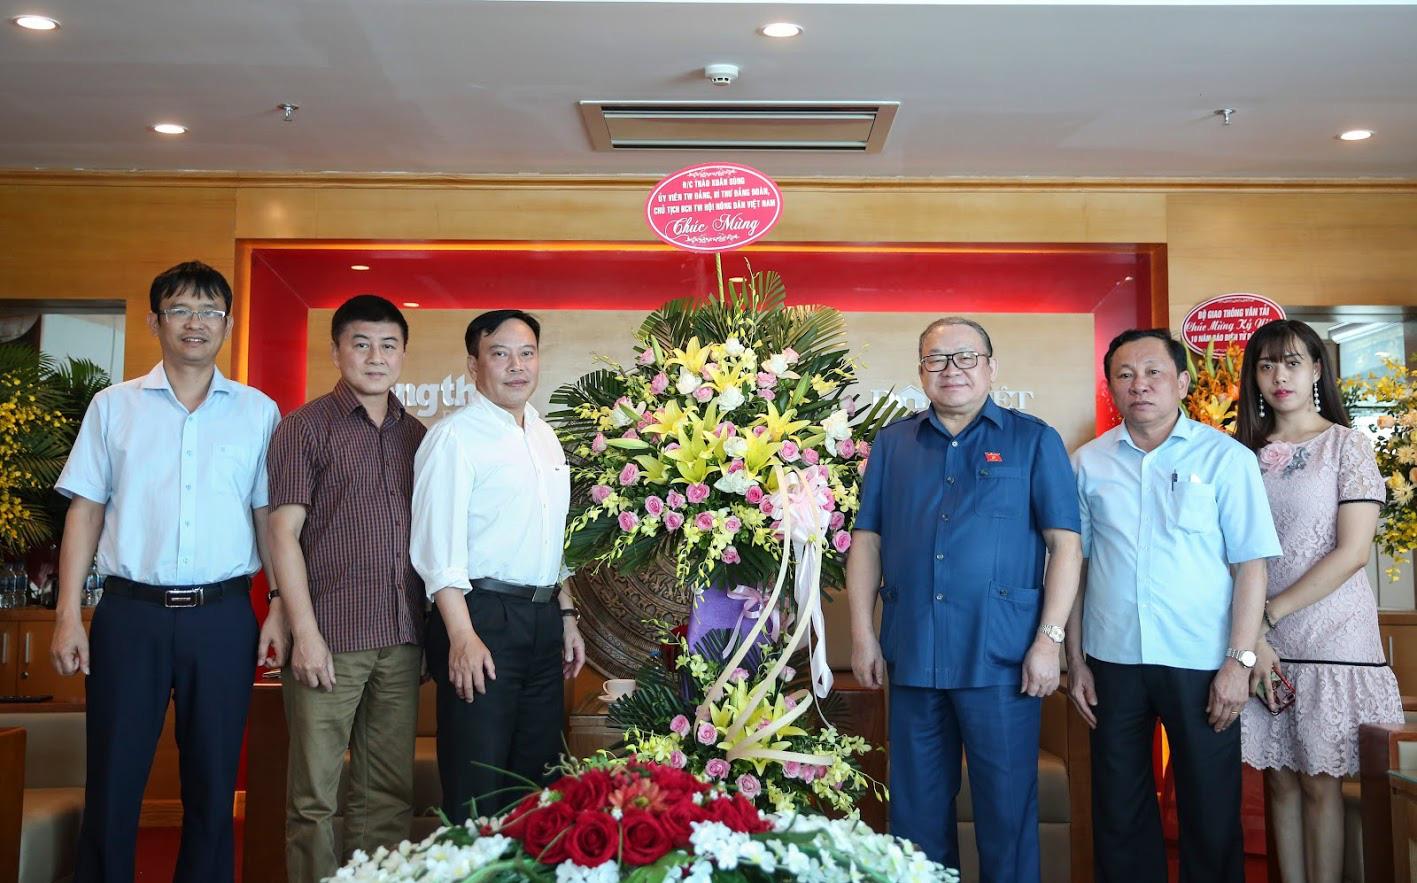 Chủ tịch Hội Nông dân Việt Nam ấn tượng với 1.001 cách làm giàu Dân Việt giới thiệu - Ảnh 2.